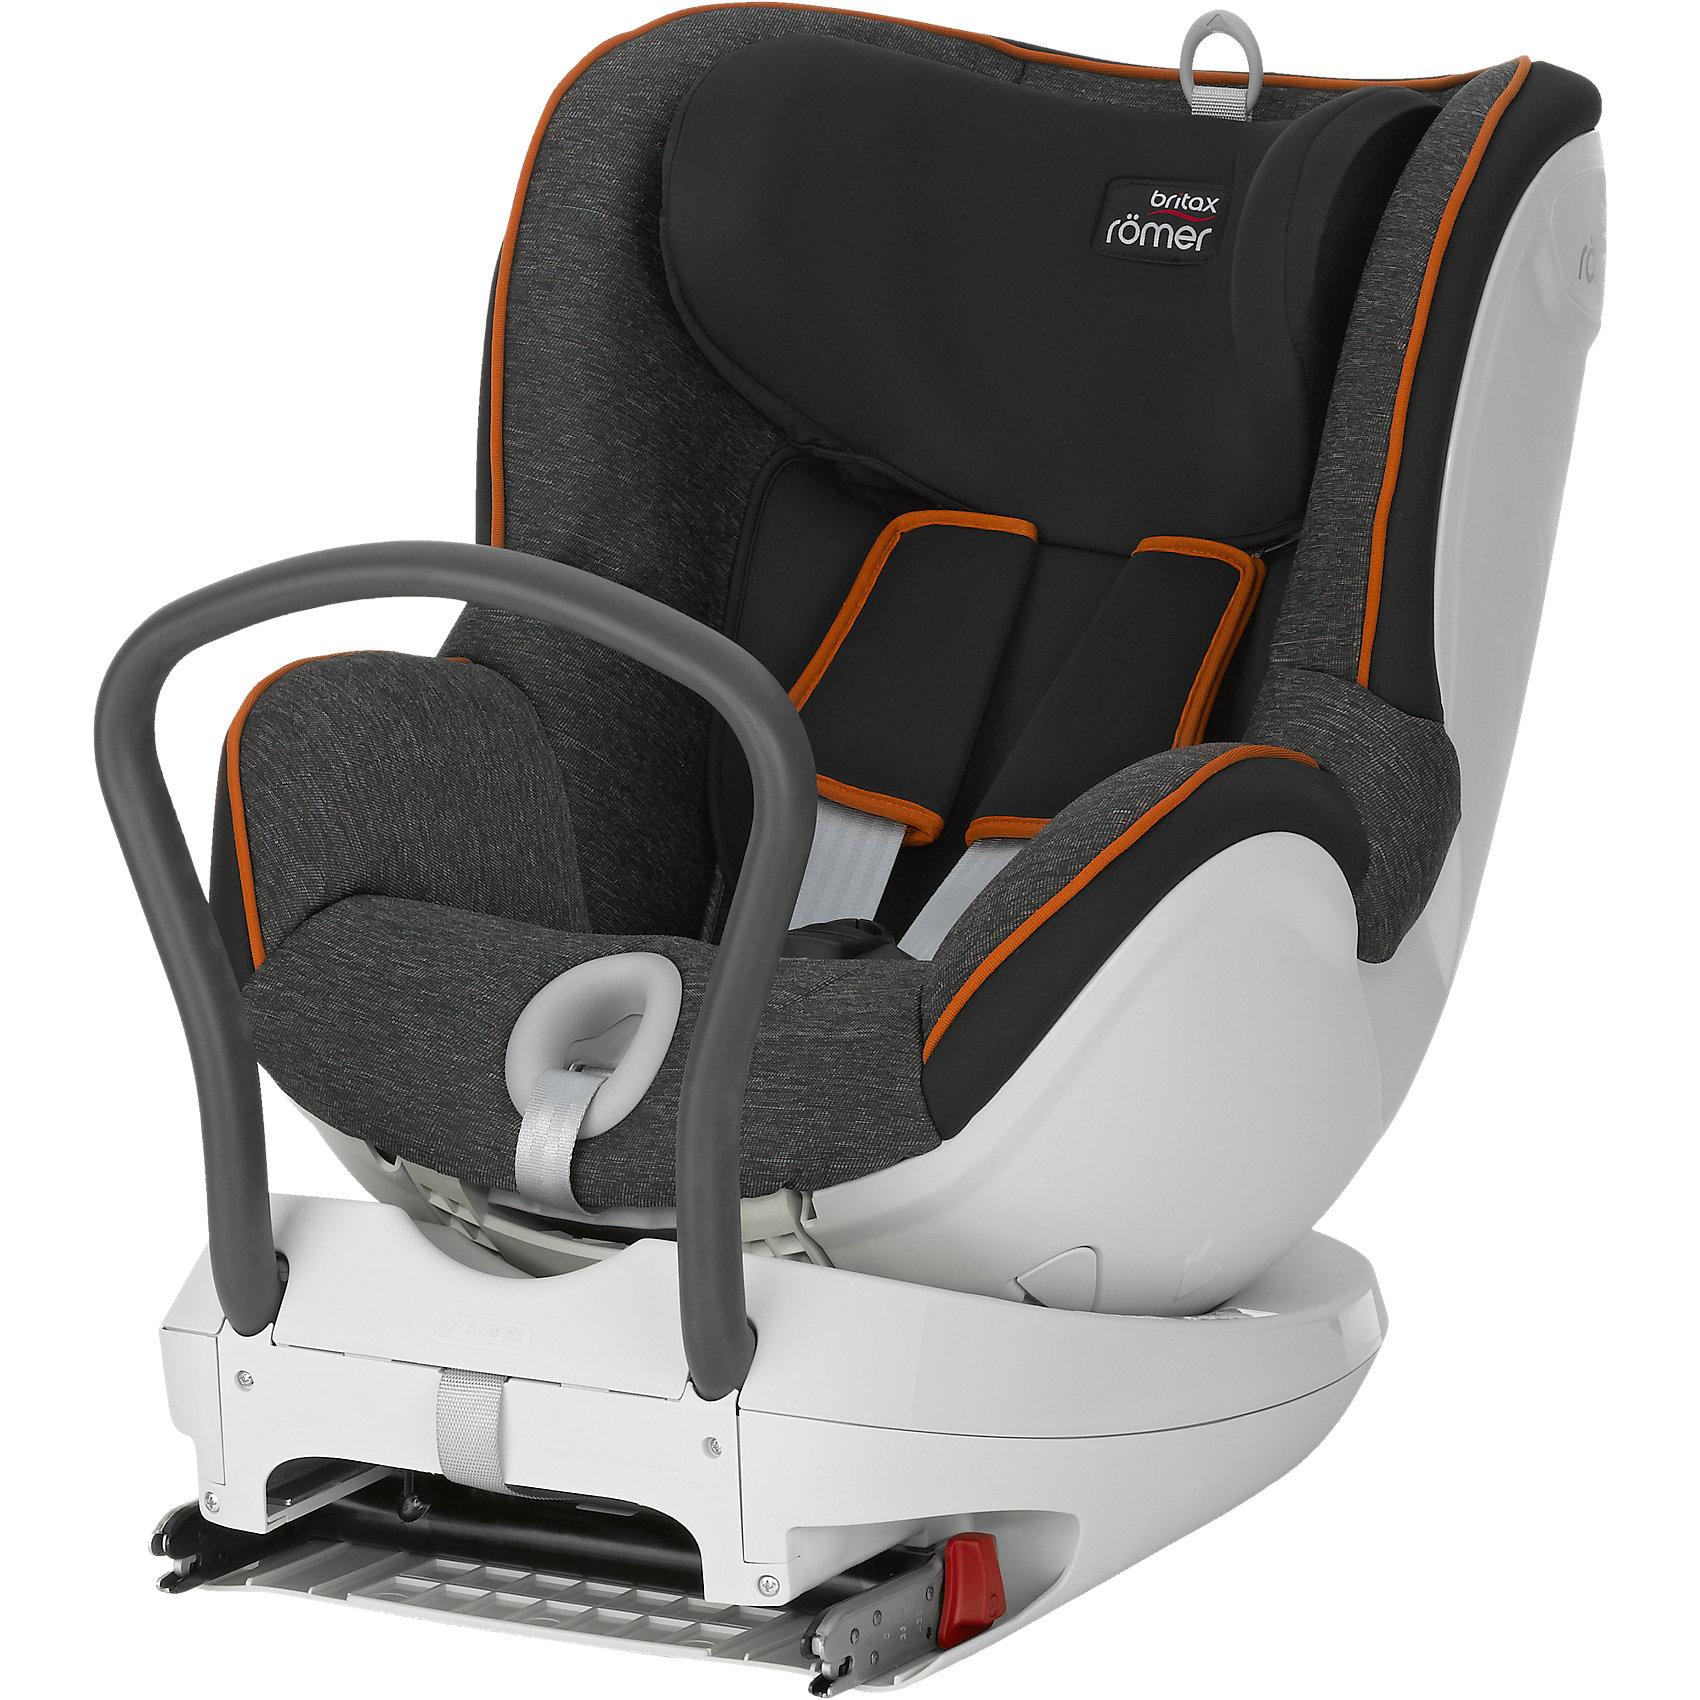 Автокресло DUALFIX, 0-18 кг., Britax Romer, Black MarbleНевероятно удобное автокресло DUALFIX прекрасный вариант для Вашего малыша!<br>Кресло может разворачиваться на 360°, благодаря этому, Вы сможете легко и просто разместить ребенка в сидение и установить кресло как против движения, так и по ходу движения автомобиля.<br>Изначально, при весе ребенка до 9 кг. кресло используется в положение лицом против направления движения,  потом, при желании,  вы можете повернуть малыша лицом по направлению движения. Благодаря прекрасной гибкости кресло подходит для новорожденных и для детей старшего возраста.<br><br>Особенности:<br>- 5- ти точечные ремни безопасности, регулируются однократным натяжением.<br>- Вращение сиденья на 360°.<br>- Система ISOFIX обеспечивает прямое соединение с креплениями автомобильных ремней безопасности ISOFIX для безопасной и удобной фиксации автокресла.<br>- Имеется вставка для новорожденных.<br>- Регулируемый подголовник и ремни.<br>- Индикаторы установки подтверждают правильность установки кресла.<br>- Быстросъемный моющийся чехол.<br>- Накладка на ремни безопасности для обеспечения комфорта ребенка.<br>- Чехол с мягкой обивкой обеспечивает удобство Вашему малышу.<br><br>Дополнительная информация:<br><br>- Вес: от 0 до 18 кг.( группа: 0-1).<br>- Цвет: Black Marble.<br>- Размер кресла: 53х45х78 см.<br>- Вес в упаковке: 15,5 кг.<br><br>Купить автокресло DUALFIX от Britax Roemer в цвете Flame Red, можно в нашем магазине.<br><br>Ширина мм: 750<br>Глубина мм: 575<br>Высота мм: 445<br>Вес г: 18760<br>Цвет: черный<br>Возраст от месяцев: 0<br>Возраст до месяцев: 48<br>Пол: Унисекс<br>Возраст: Детский<br>SKU: 4438369